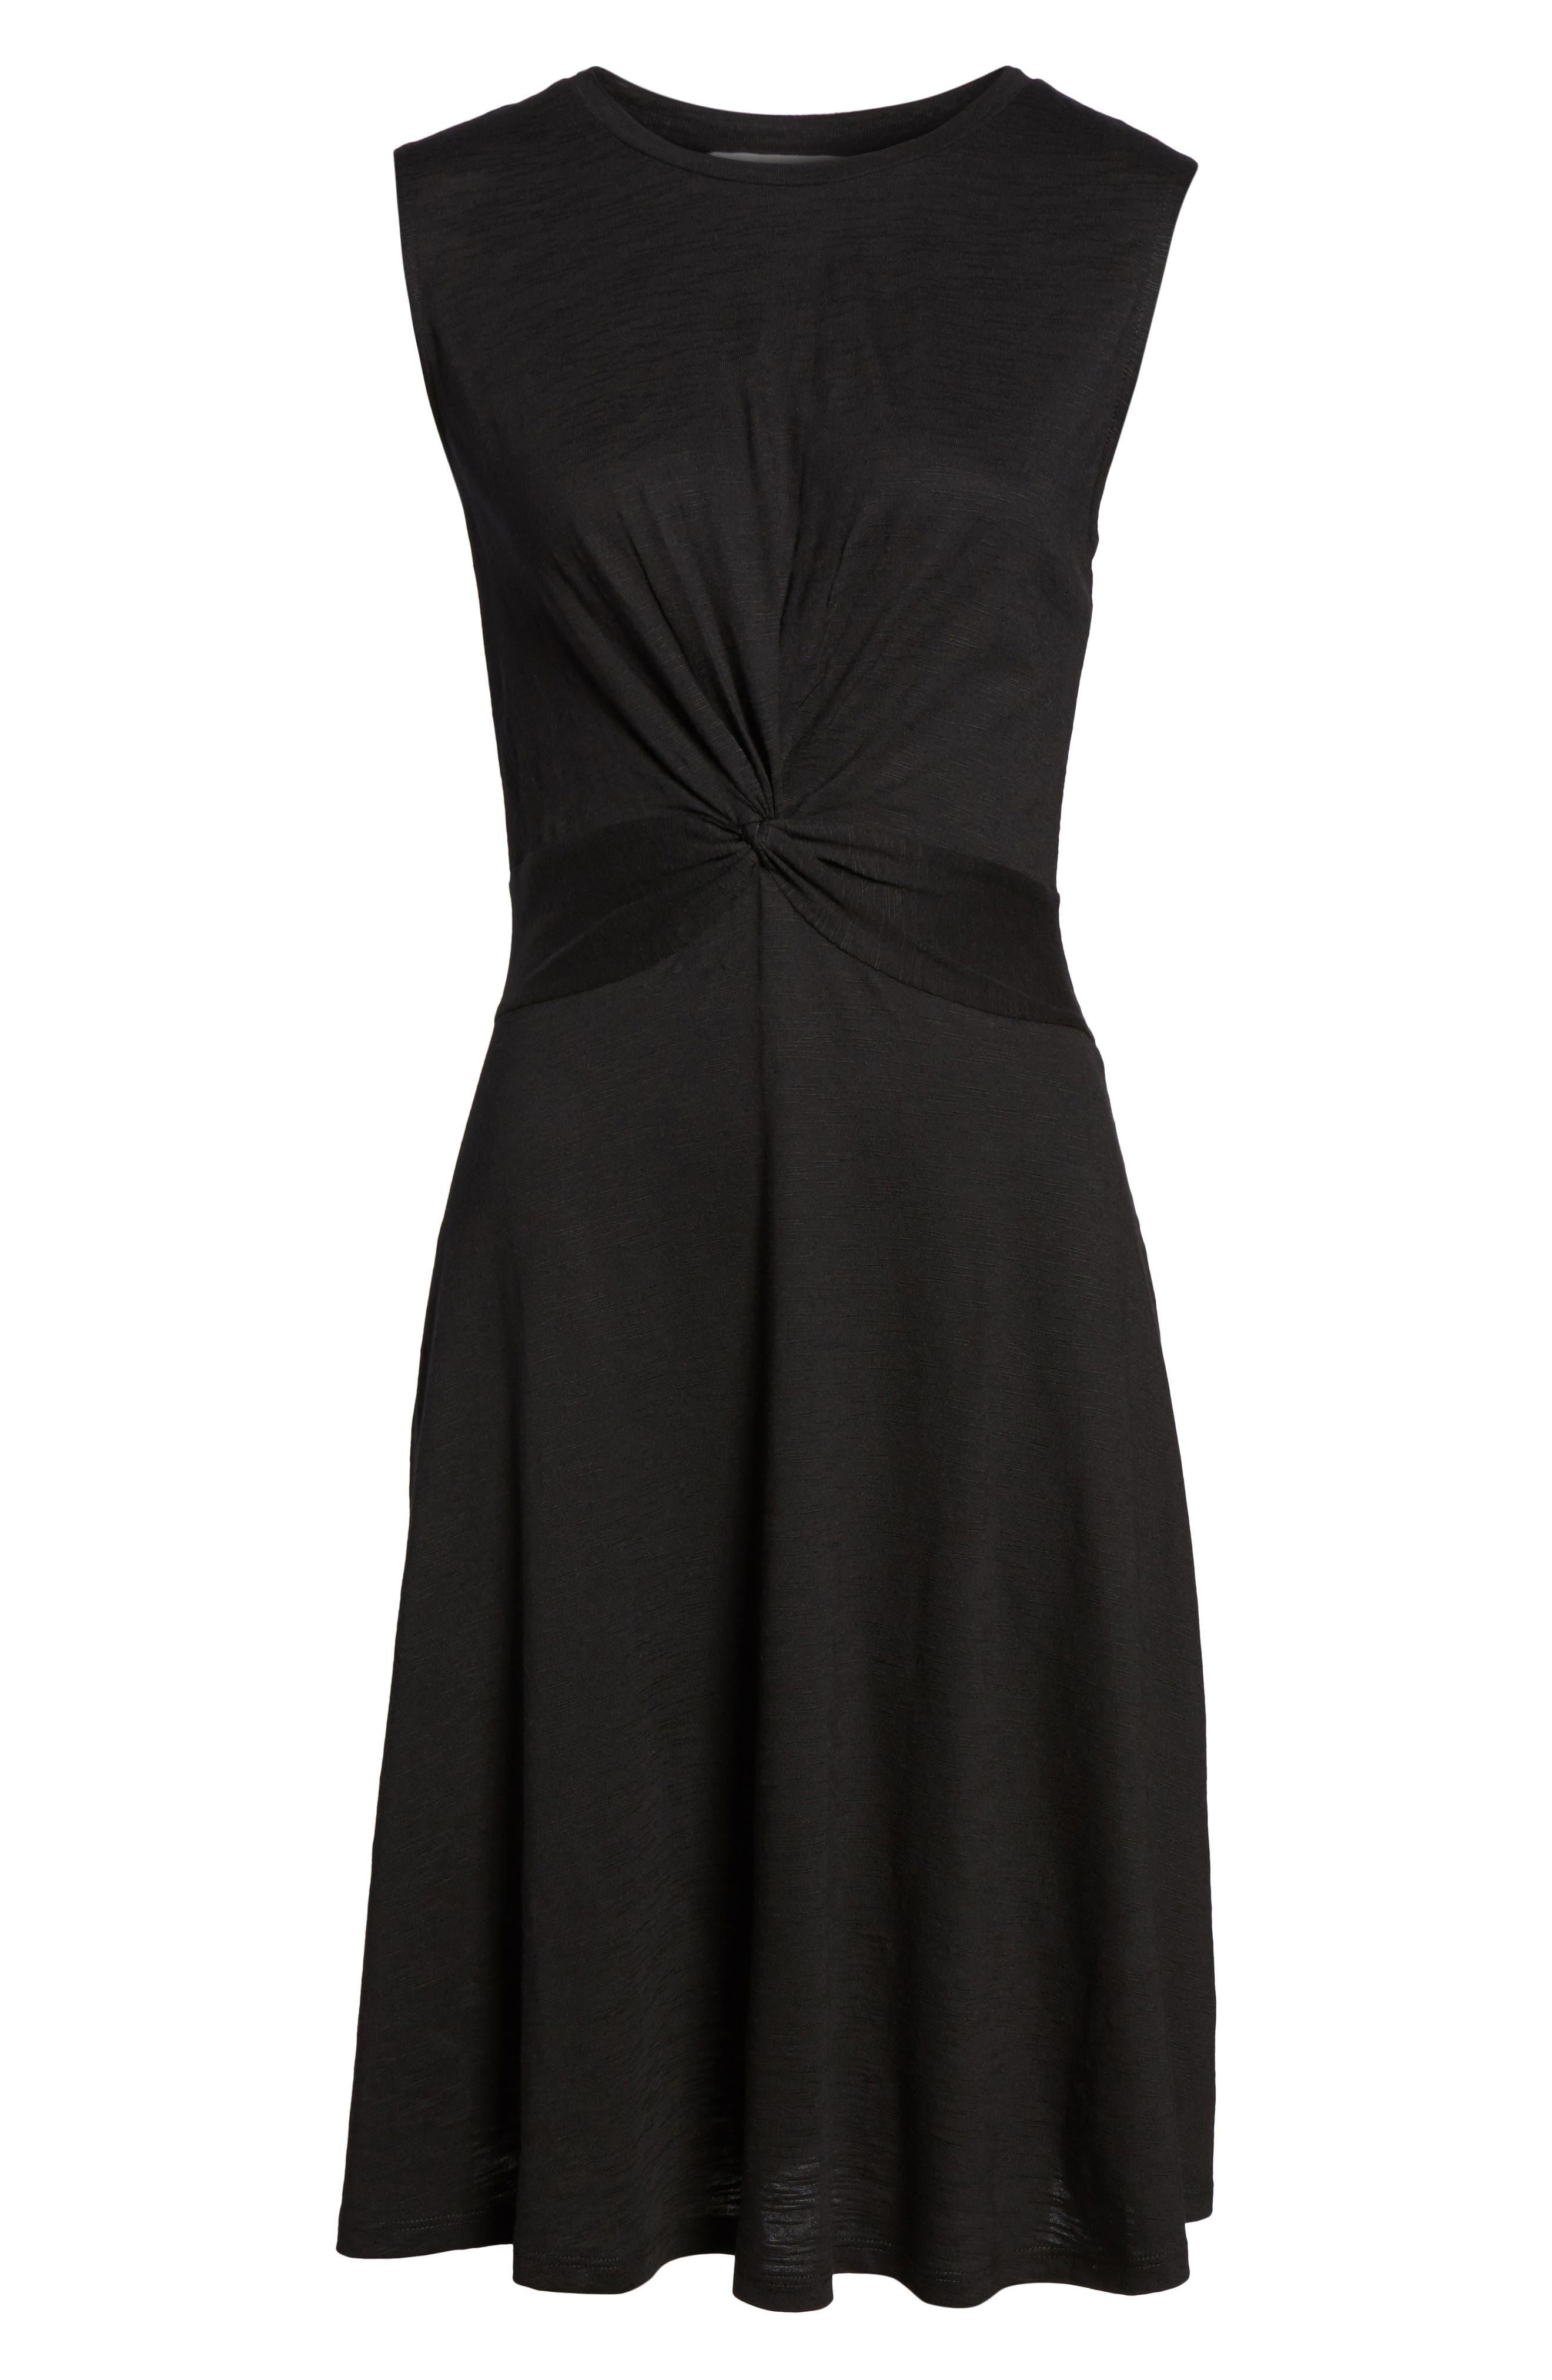 Twist Front Knit Dress,                             Alternate thumbnail 7, color,                             001